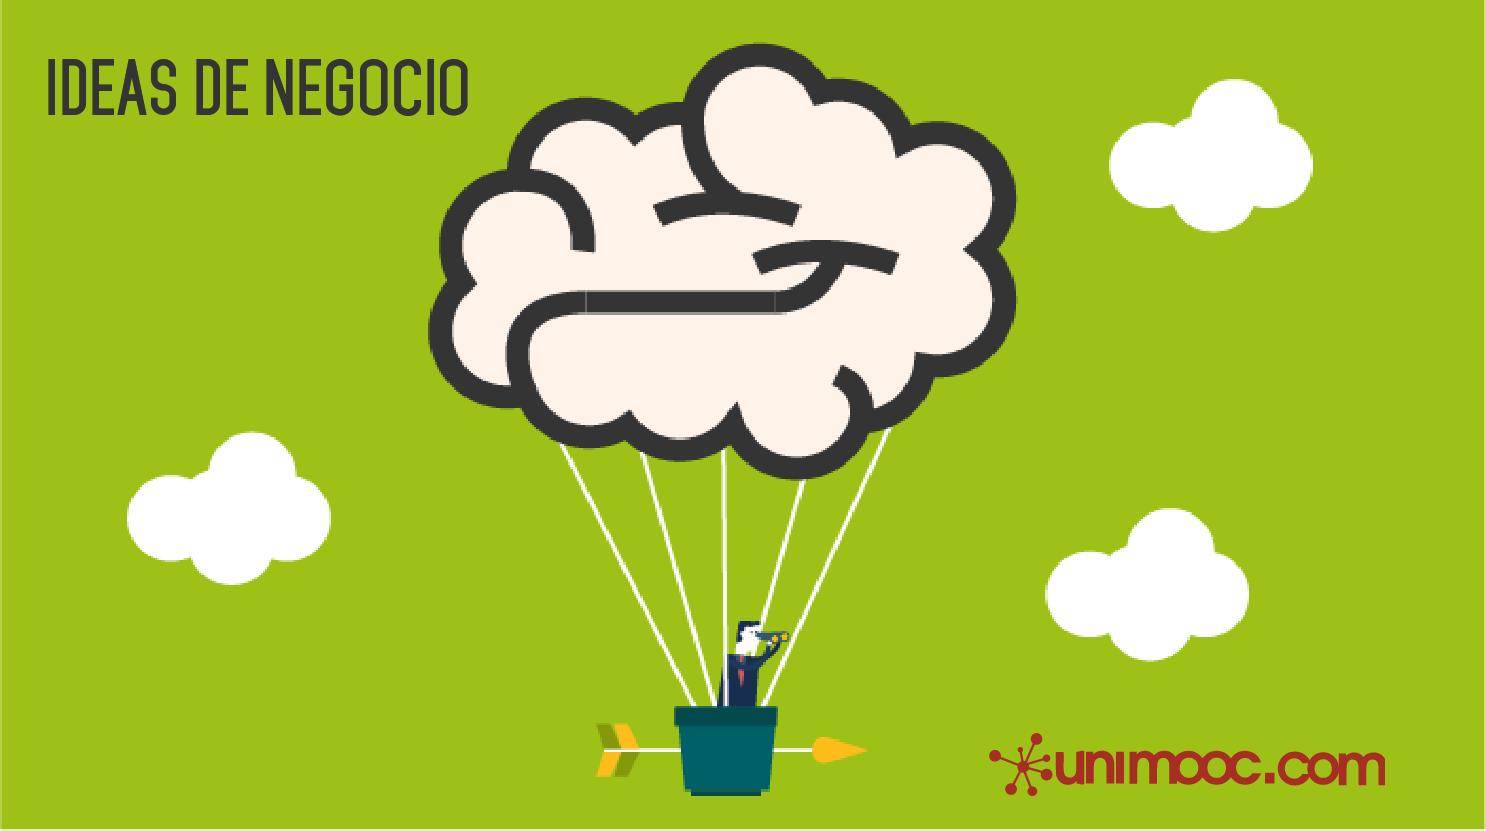 La web de cursos para emprendedores UniMOOC es premiada por Google para la investigación en el área MOOC